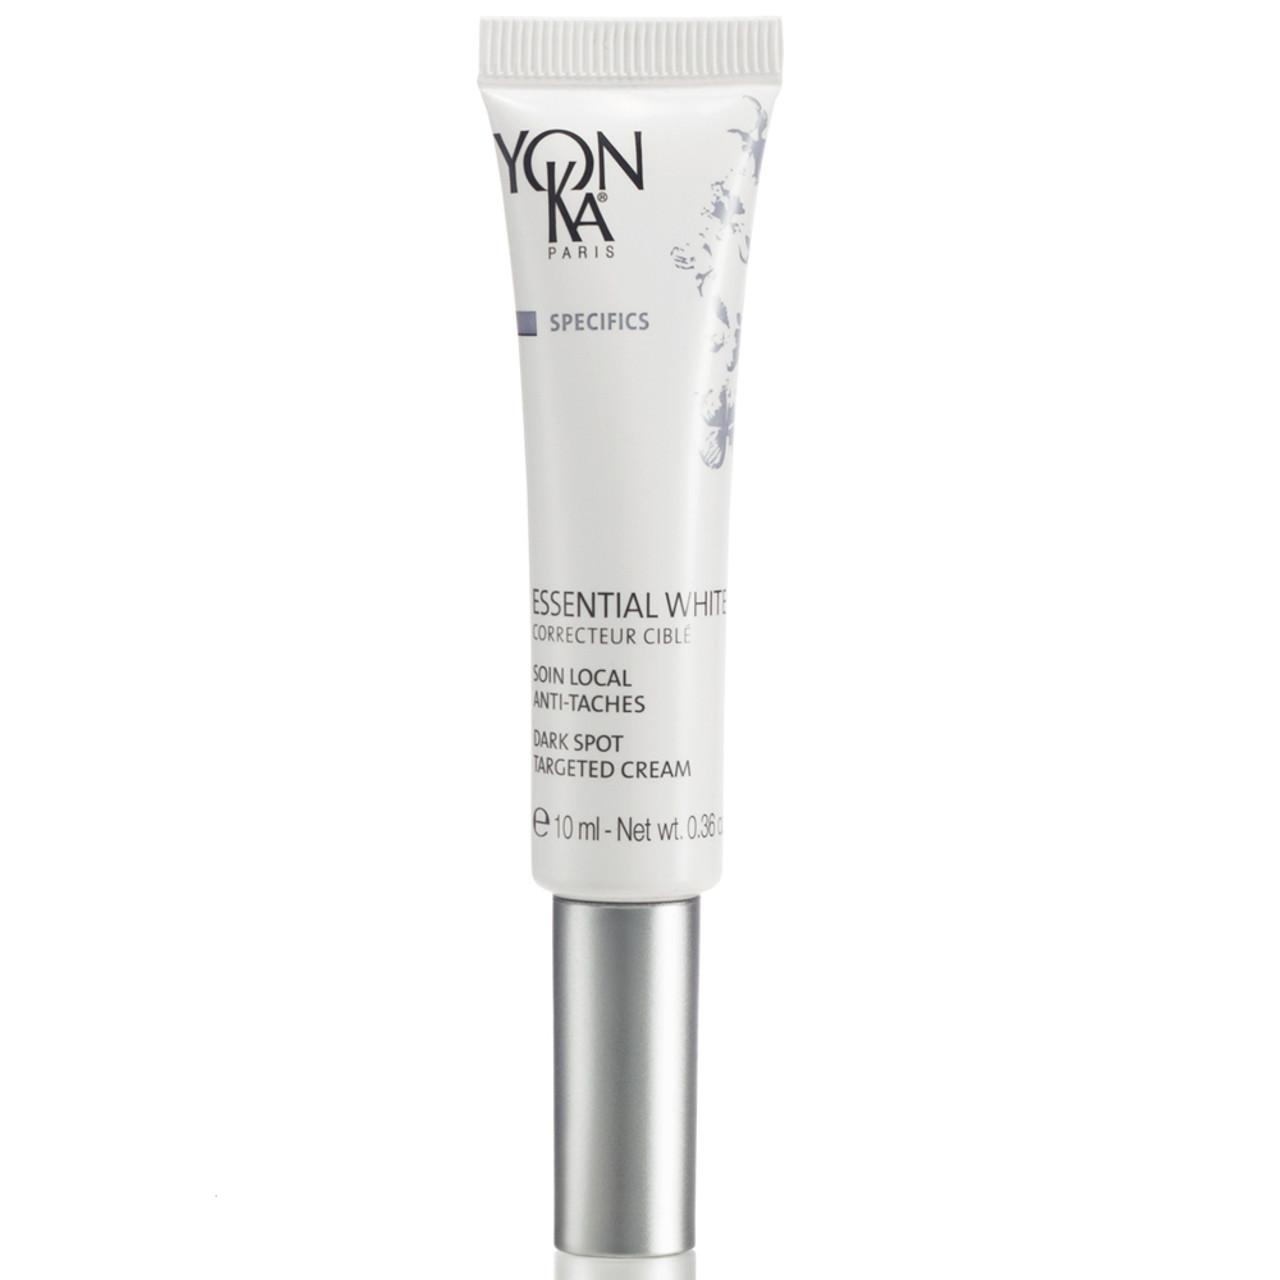 YonKa Essential White Correcteur Cible